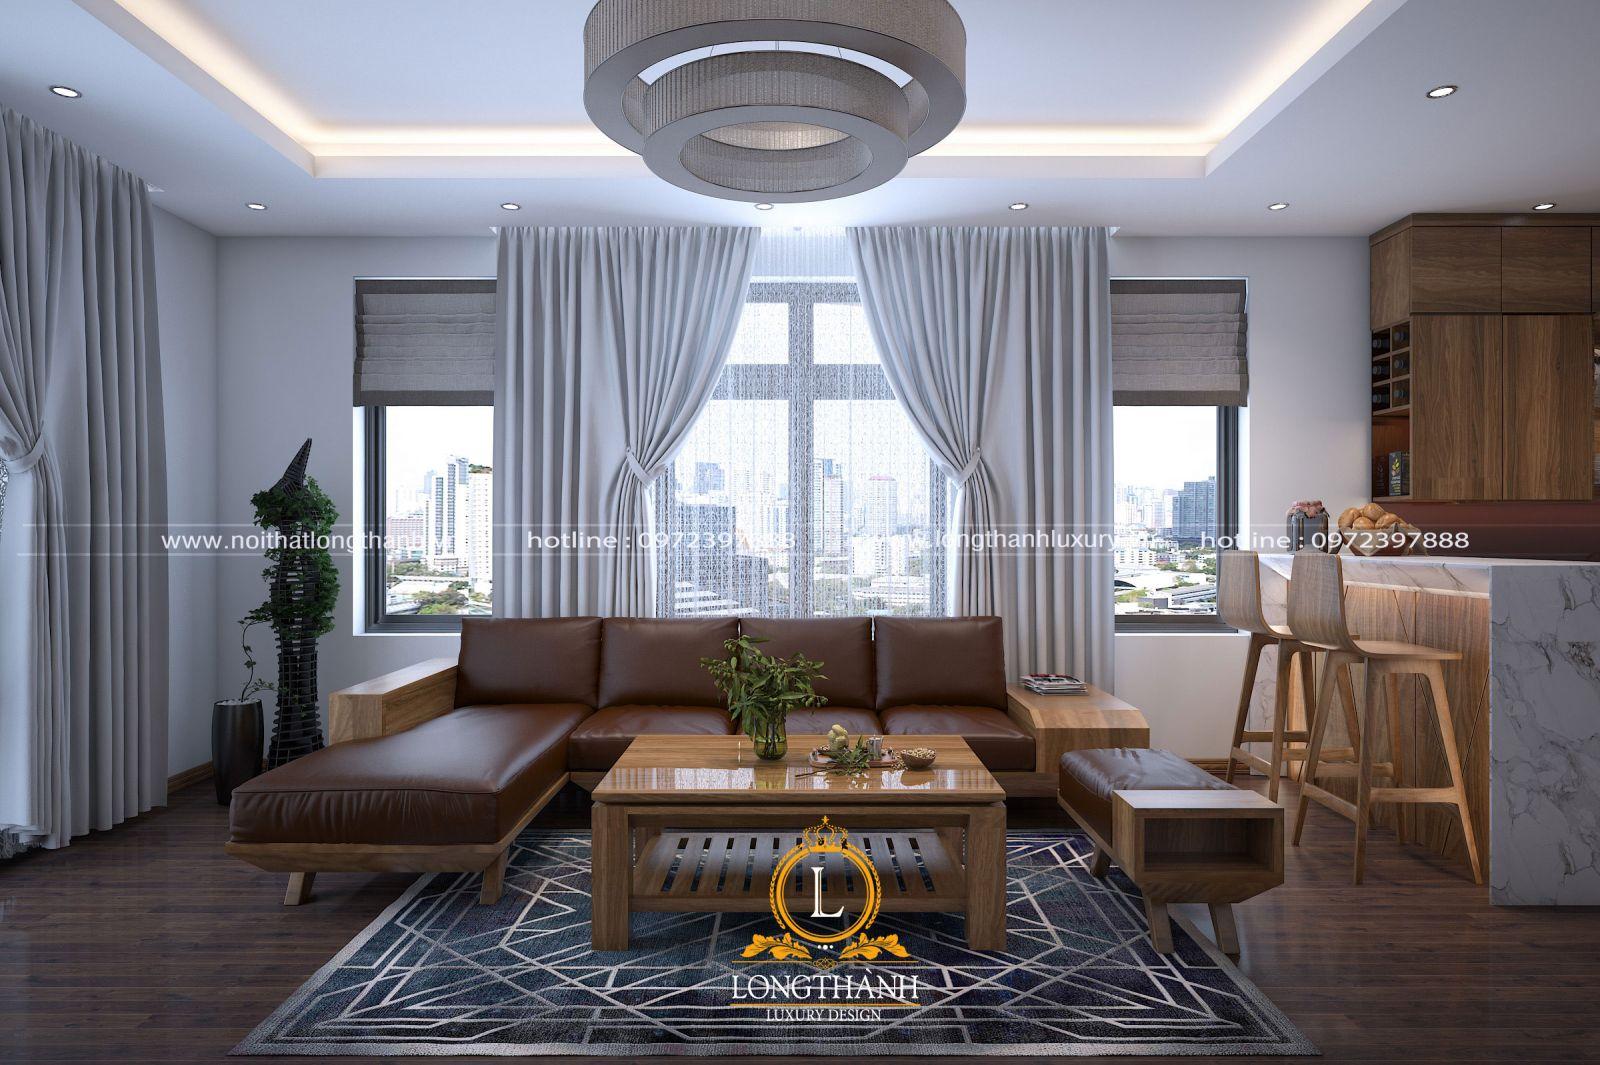 Thiết kế phòng khách hiện đại sang trọng từ gỗ óc chó